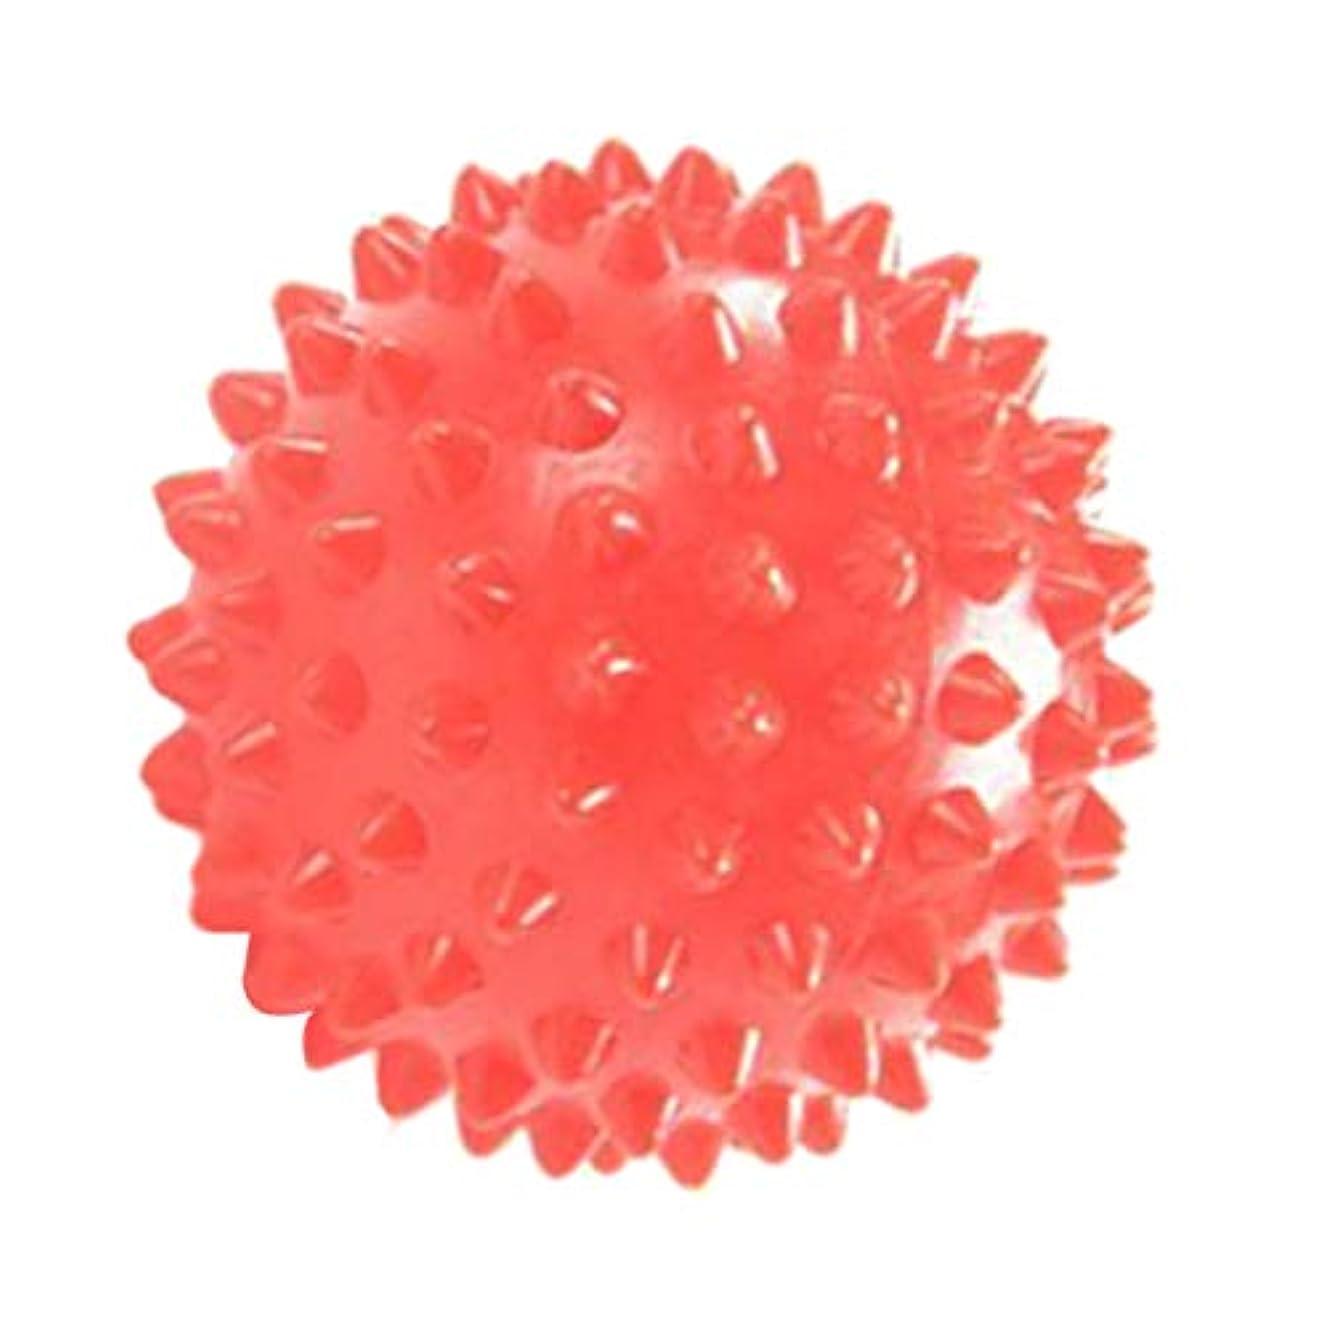 狂気溶岩私たち自身sharprepublic 指圧マッサージボール ローラーボール マッサージローラー トリガーポイント 疲労軽減 痛み緩和